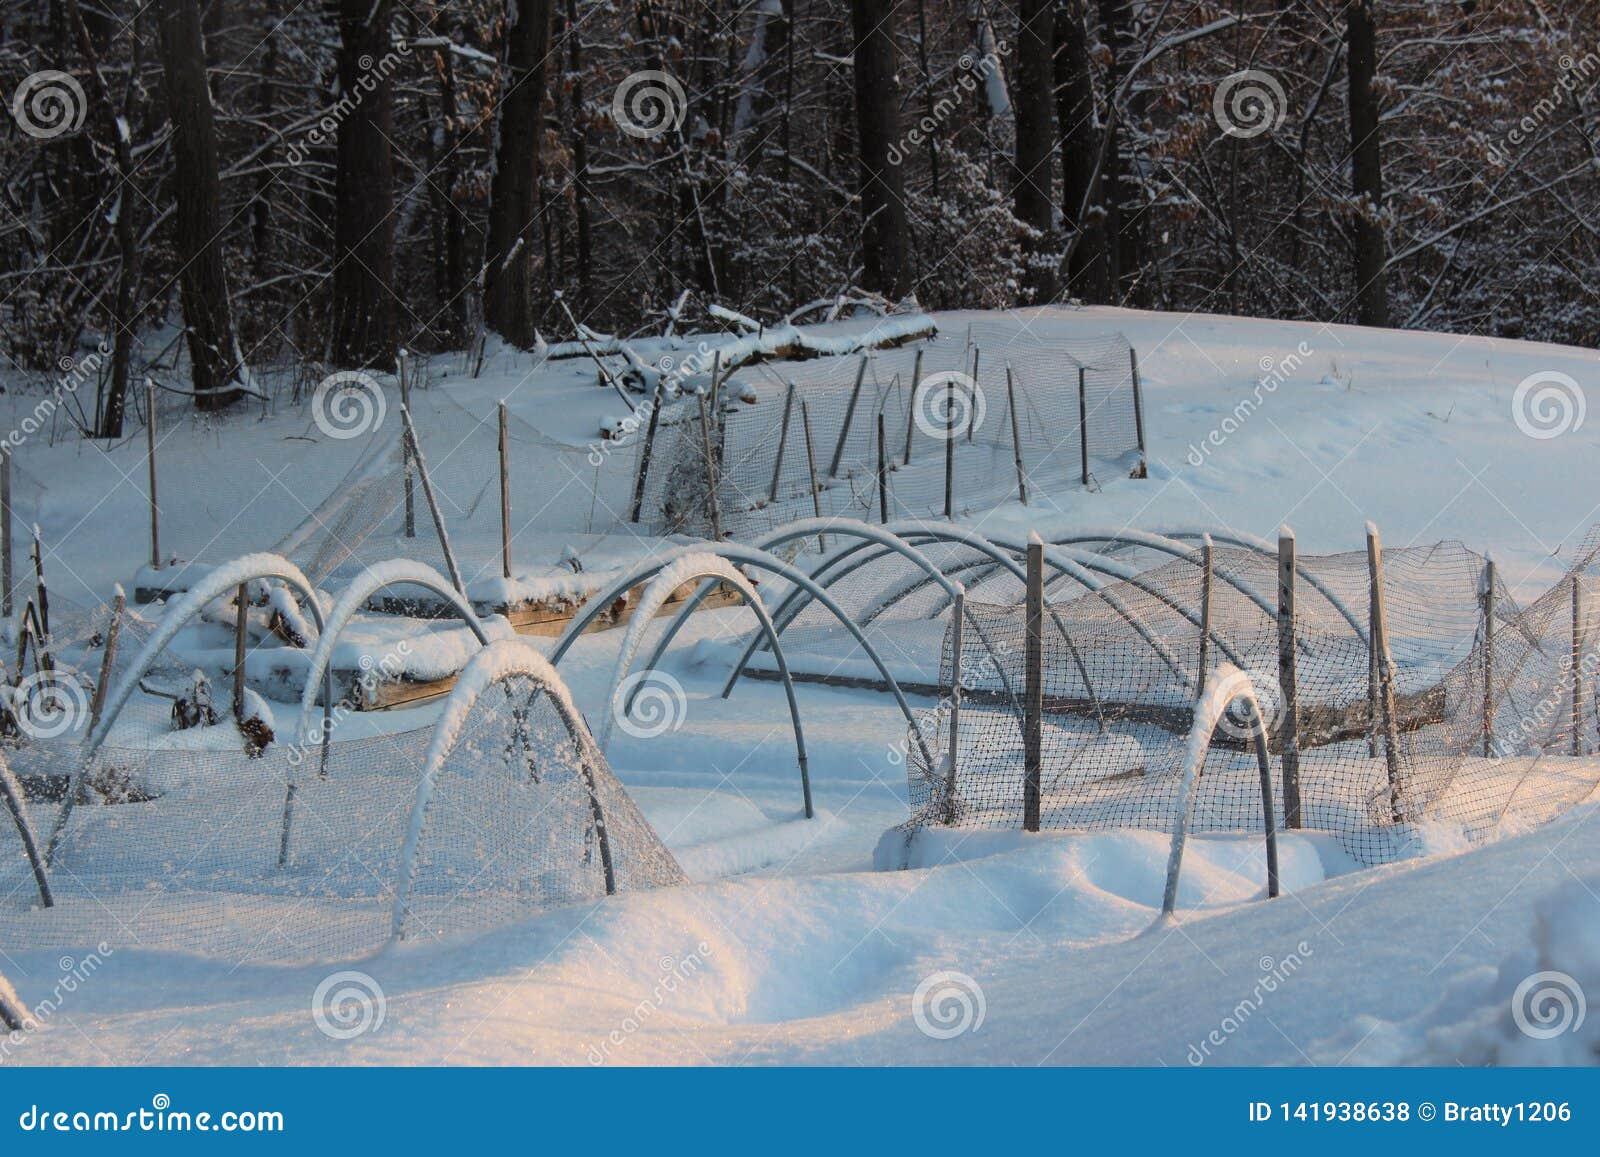 La escena Nevado con las camas del jardín cubiertas con pulgadas de nieve y de hielo profundos, firma que sigue siendo invierno